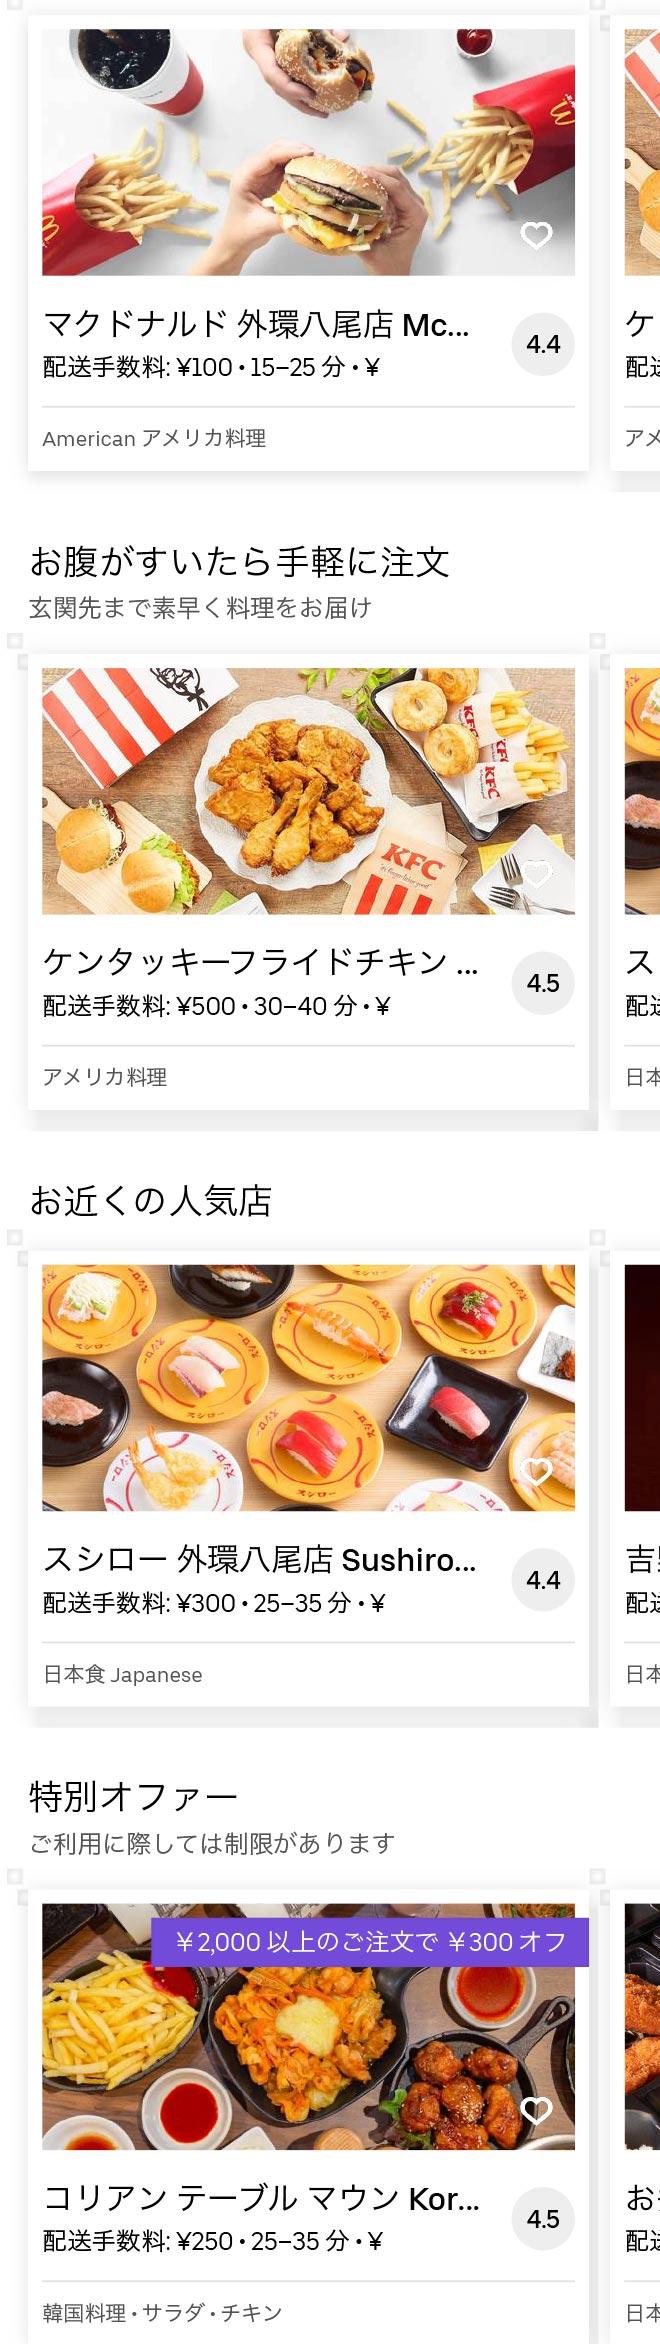 Yao shiki menu 2005 01